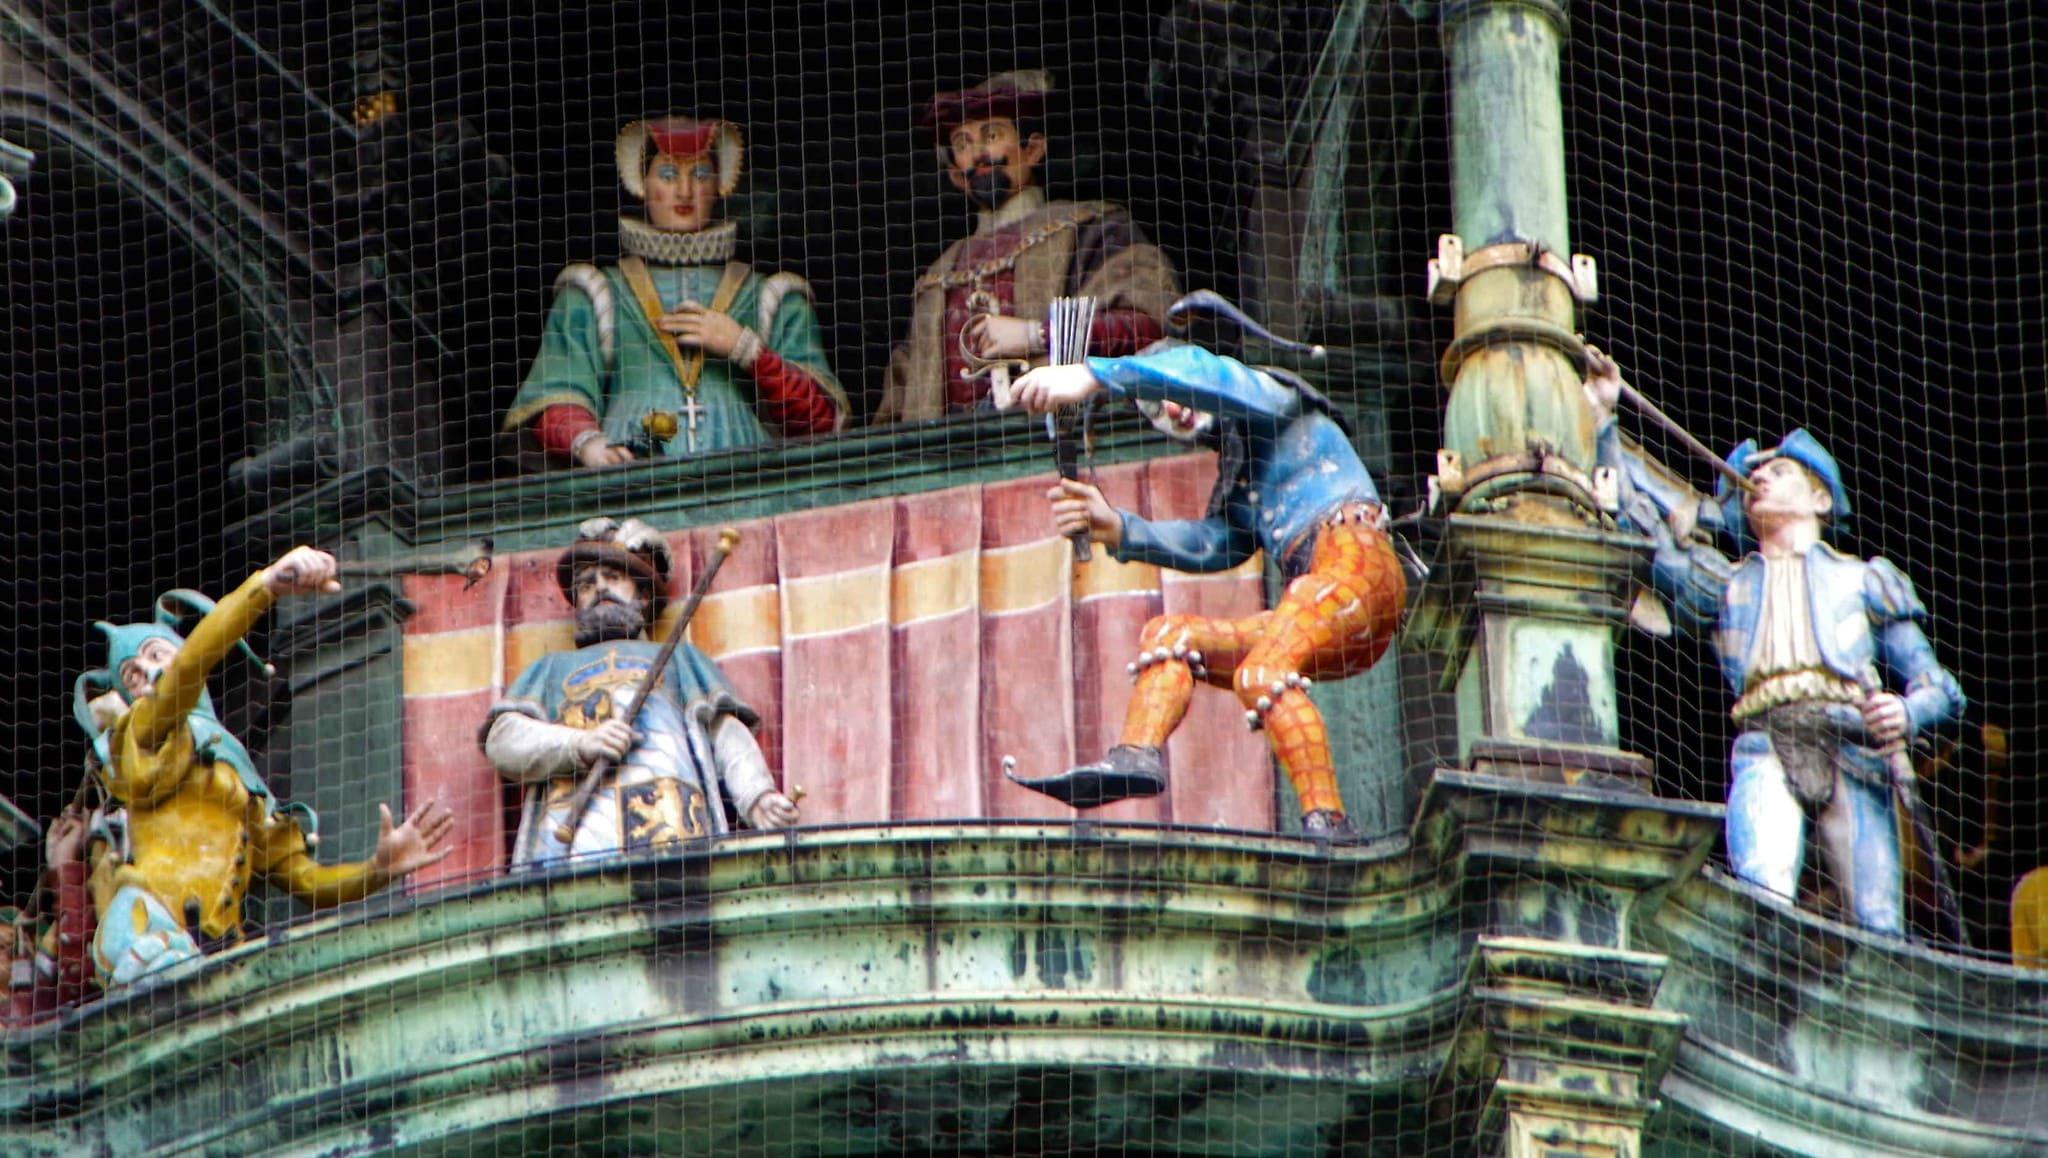 Carillon di Marienplatz - Monaco di Baviera